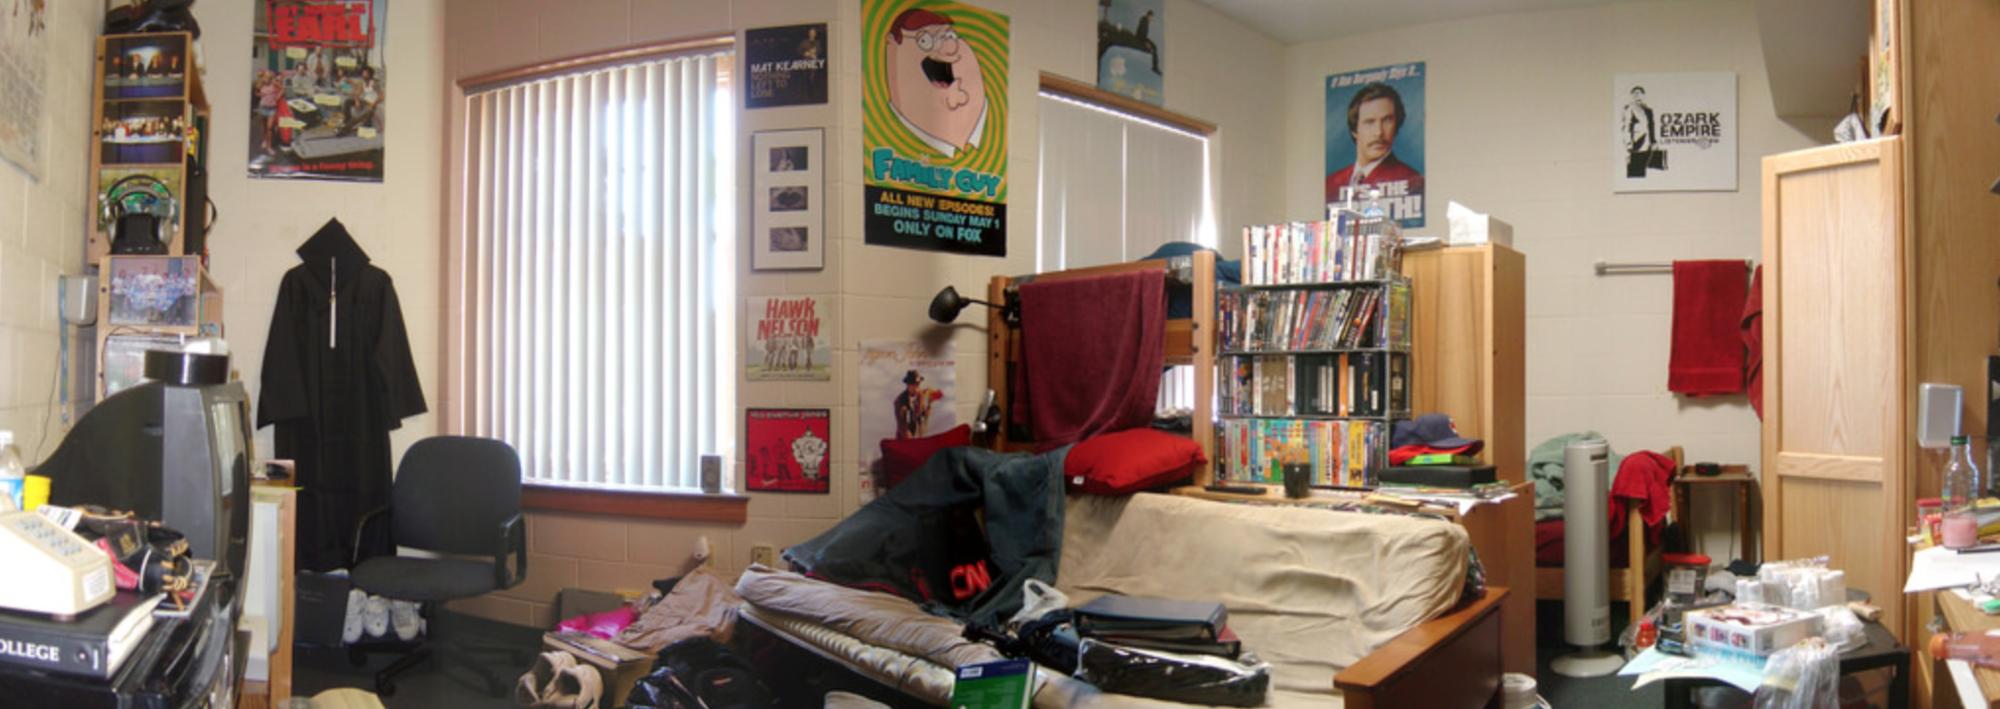 Dorm Room Part 62